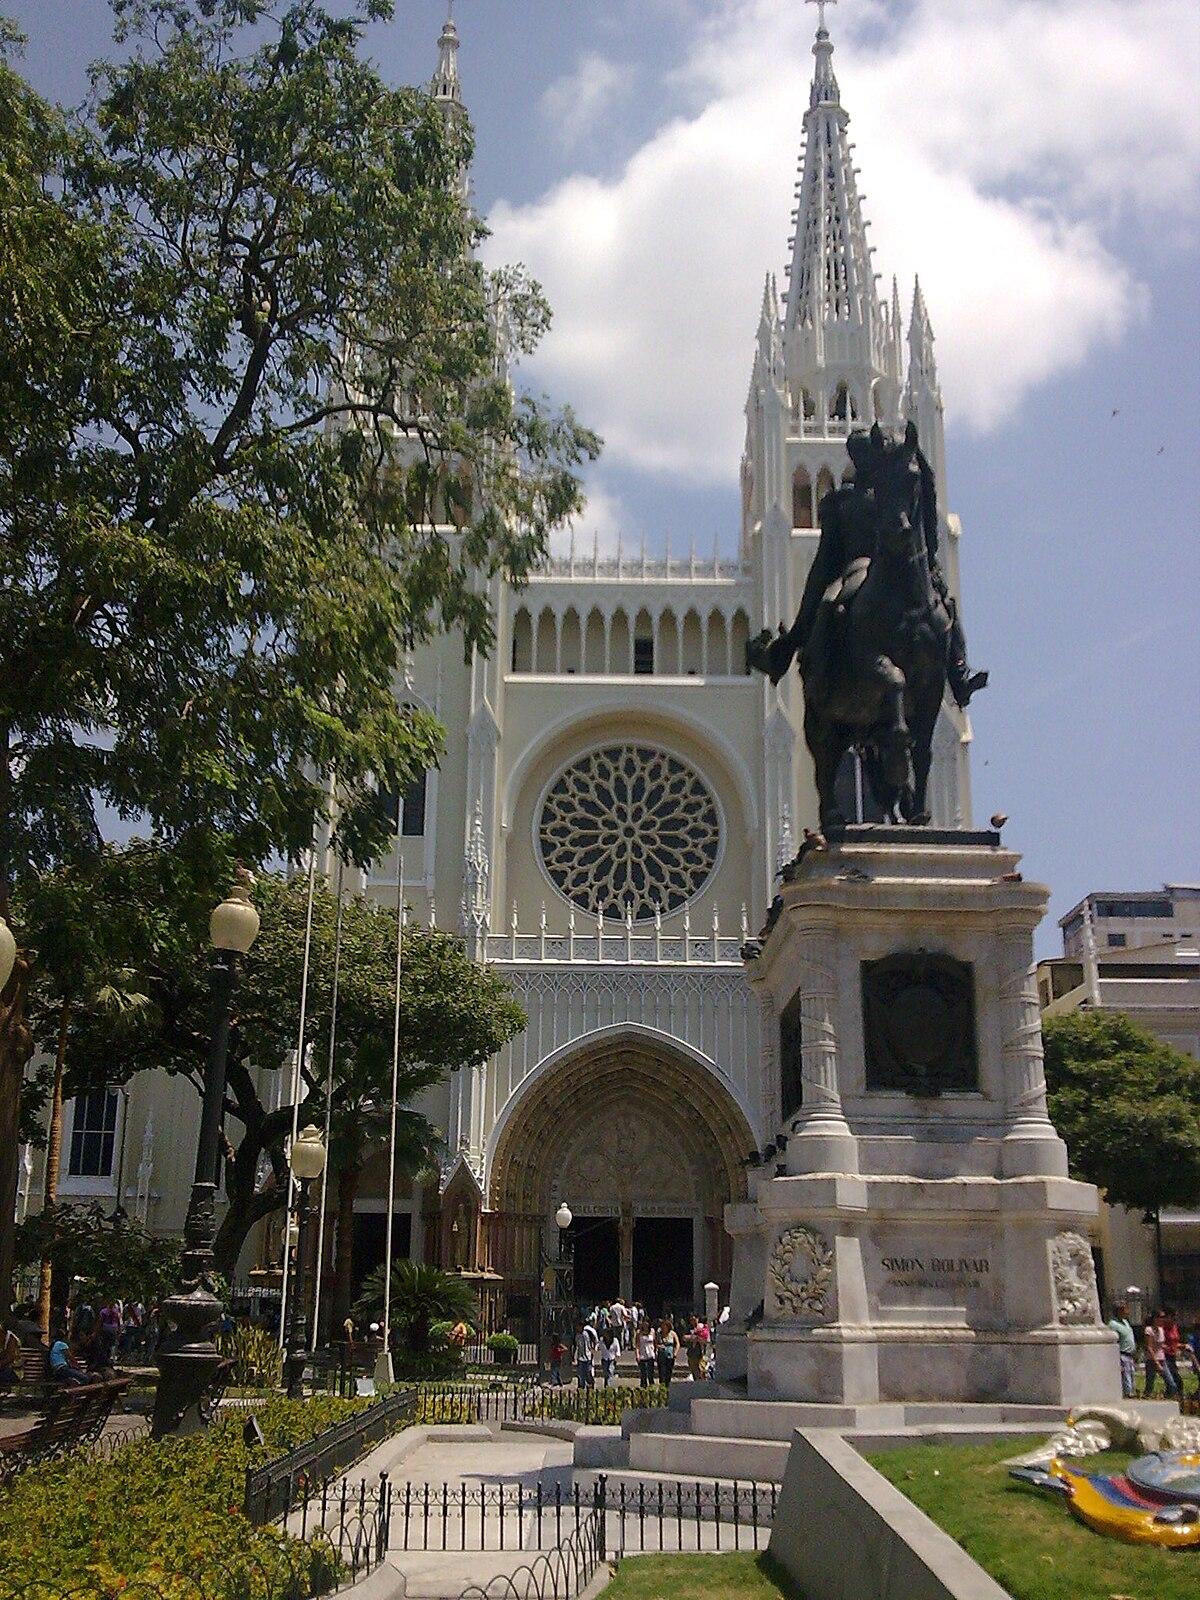 Catedral metropolitana de Guayaquil - Wikipedia, la enciclopedia libre